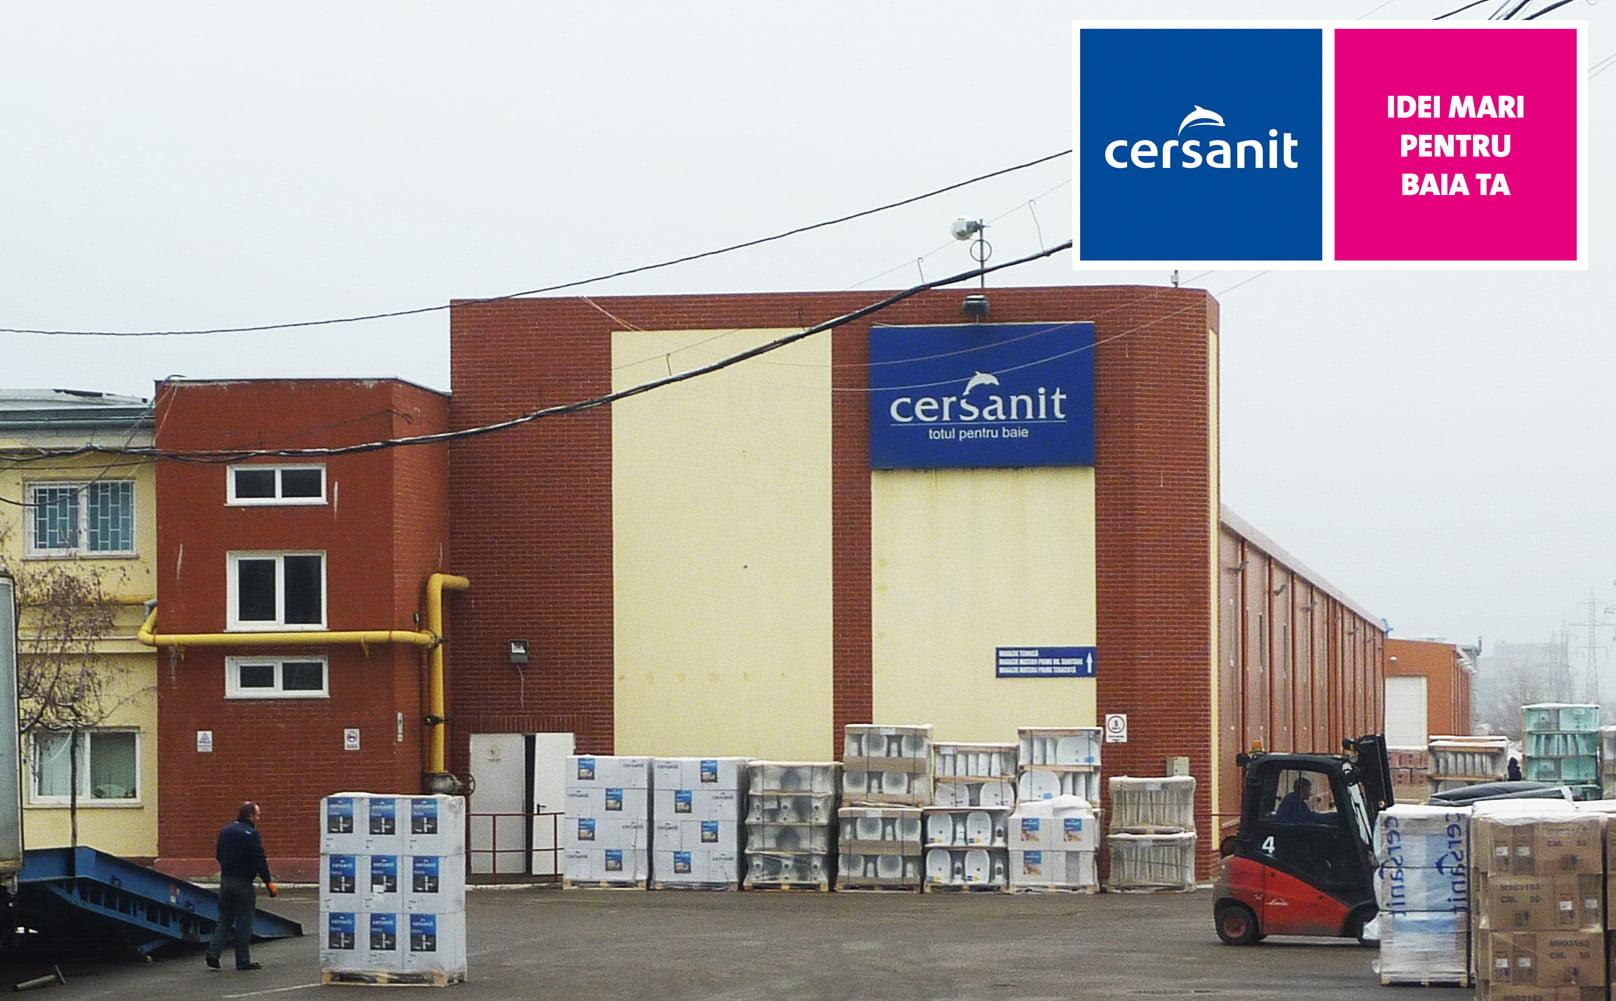 CERSANIT ROMÂNIA inițiază o campanie de recrutare prin care oferă 50 de locuri de muncă